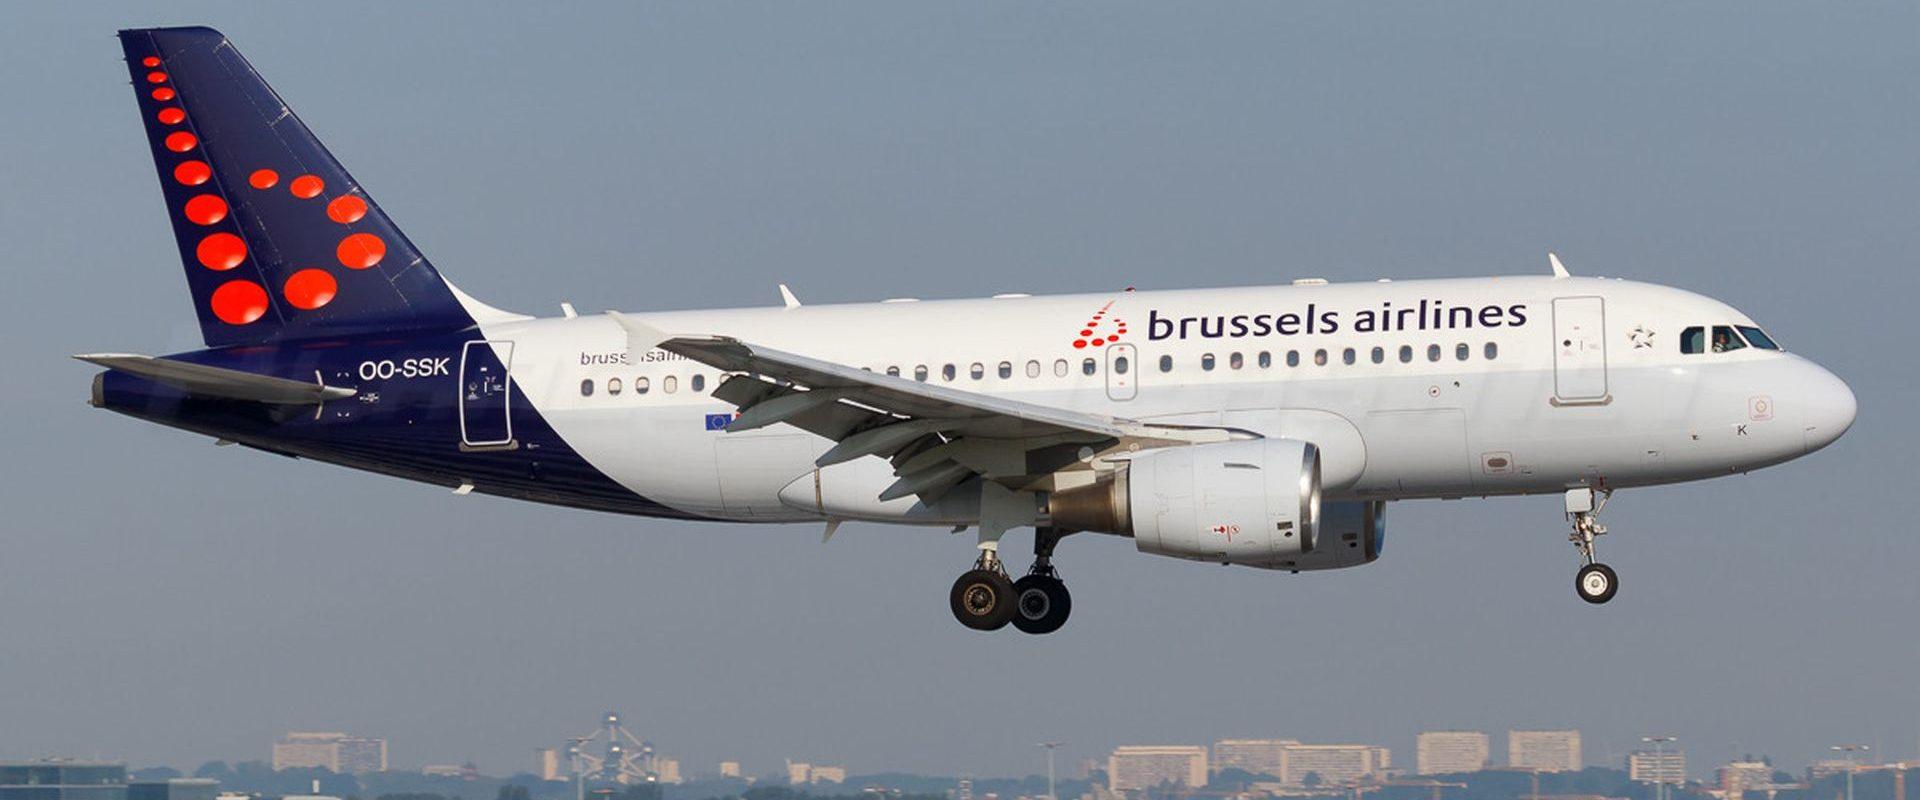 самолёт бельгийская авиакомпания